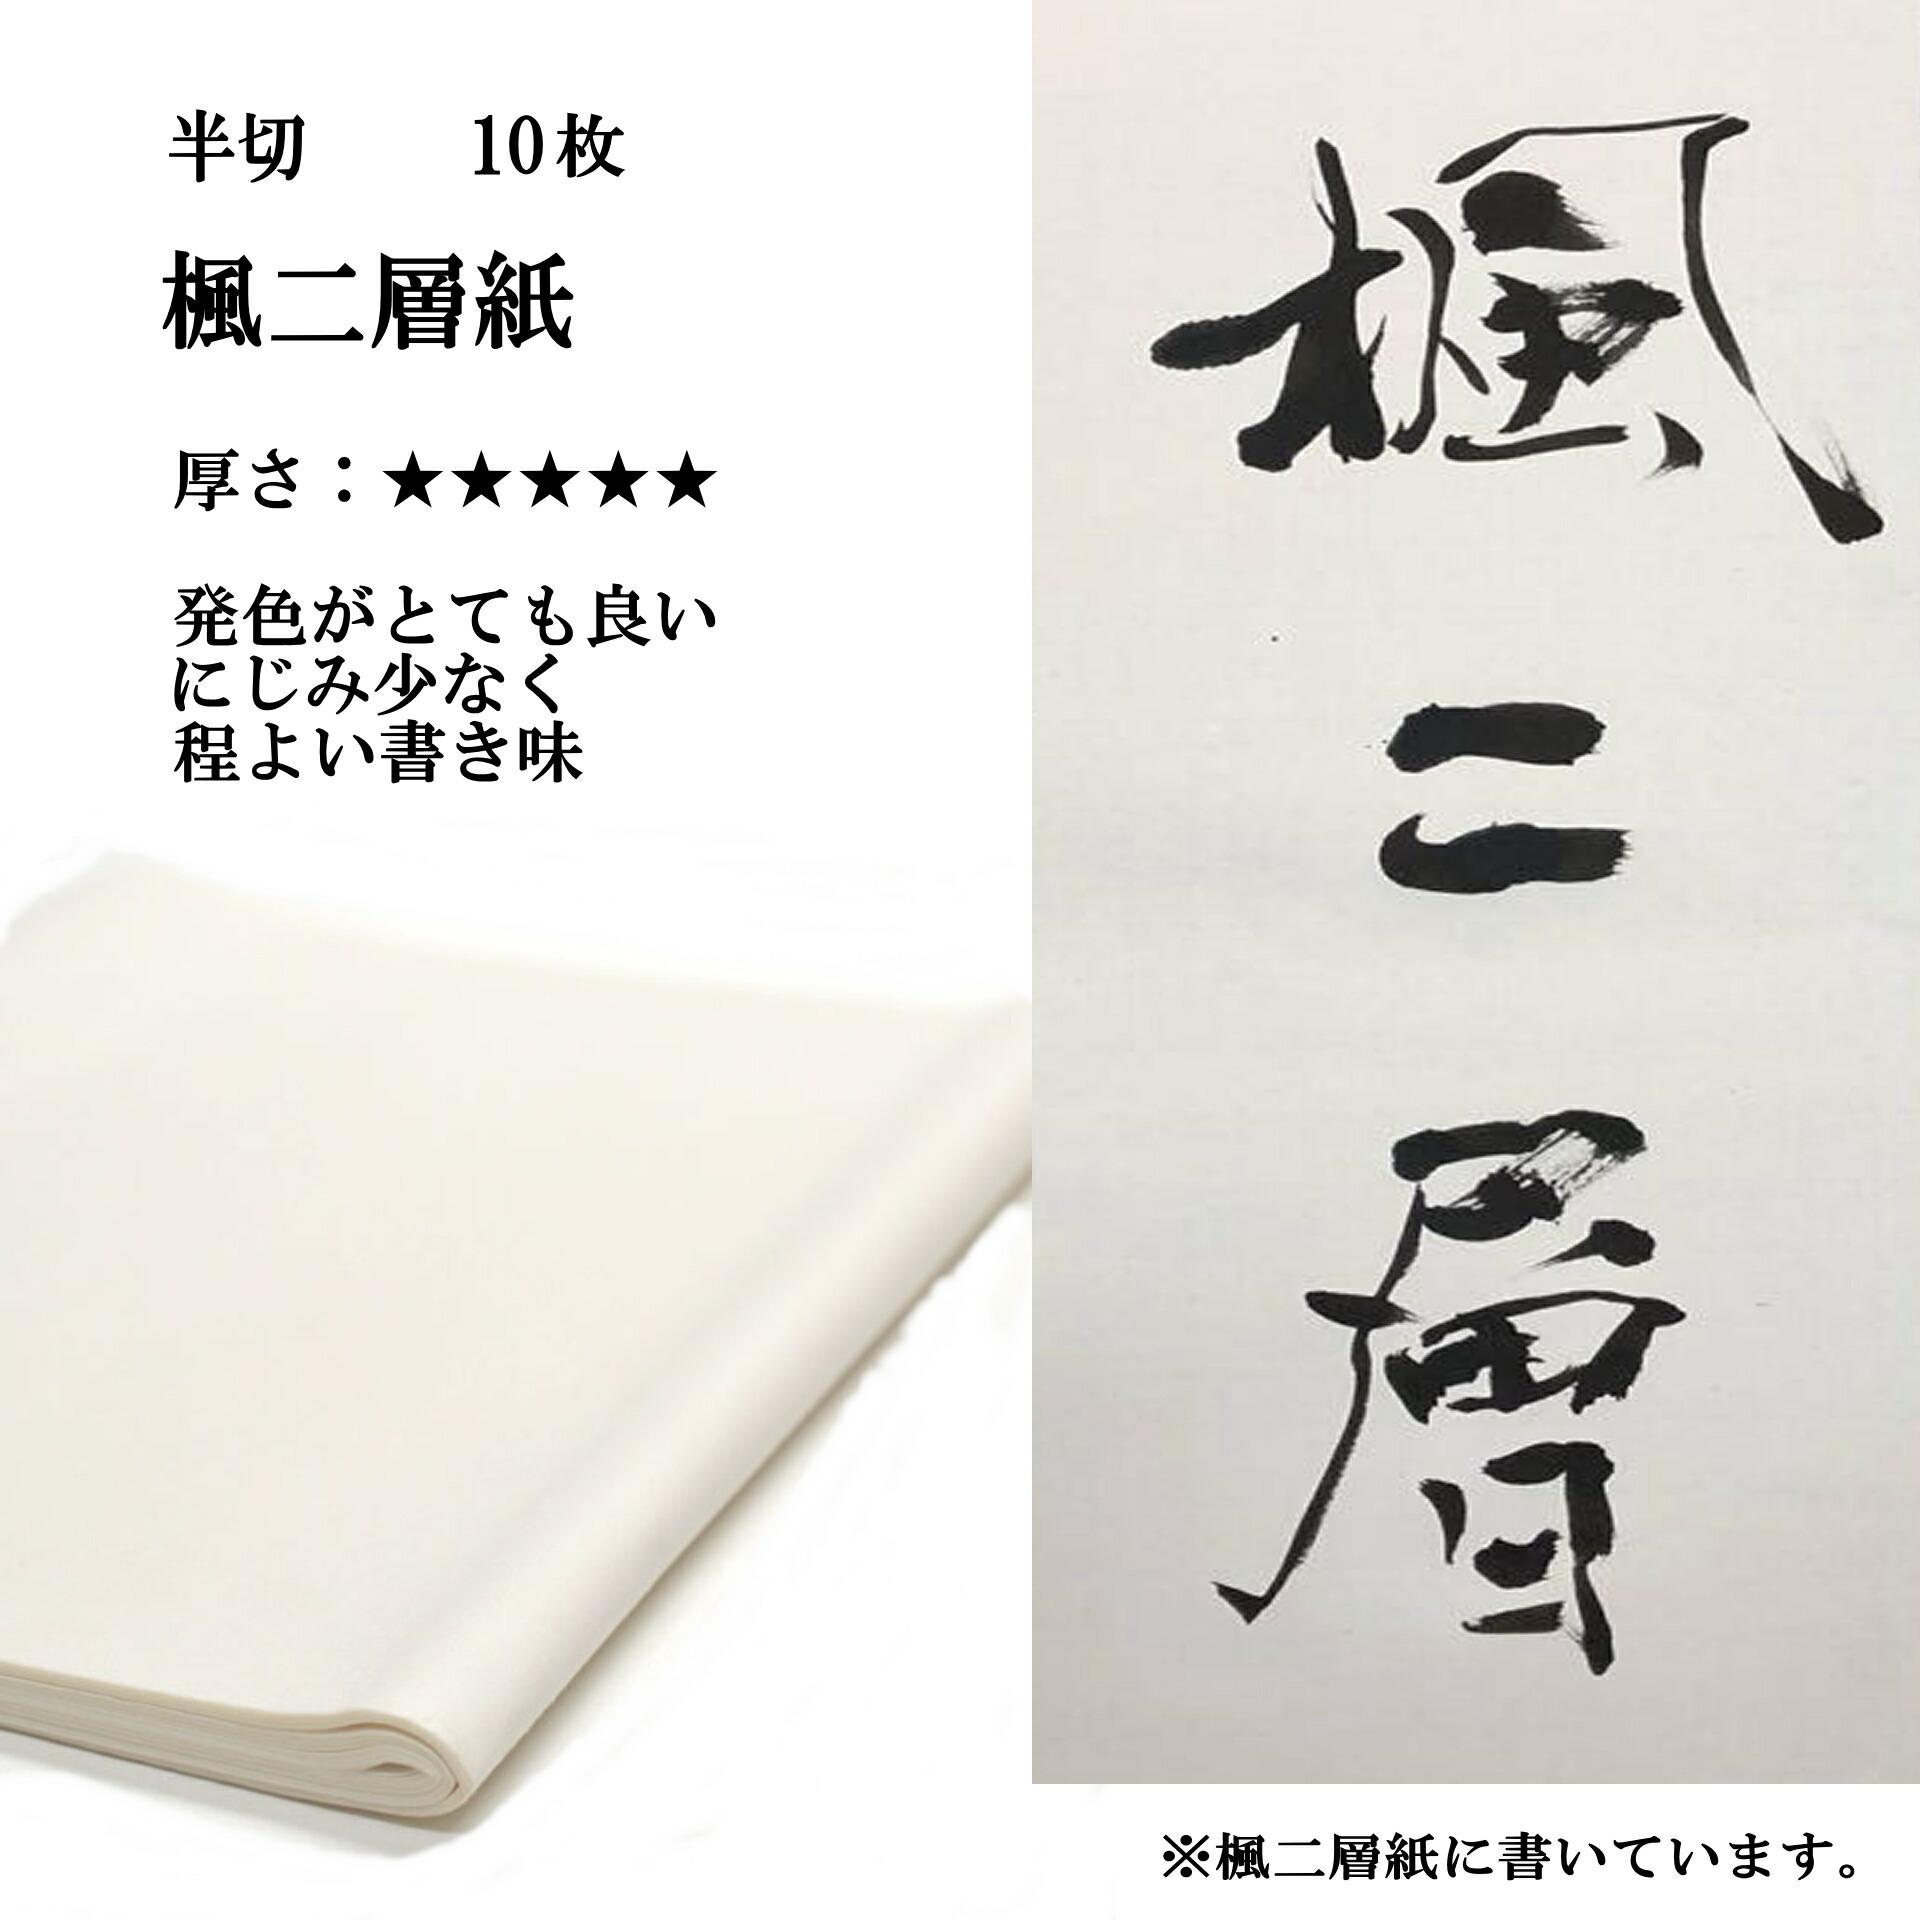 手漉き画仙紙 楓二層紙 10枚